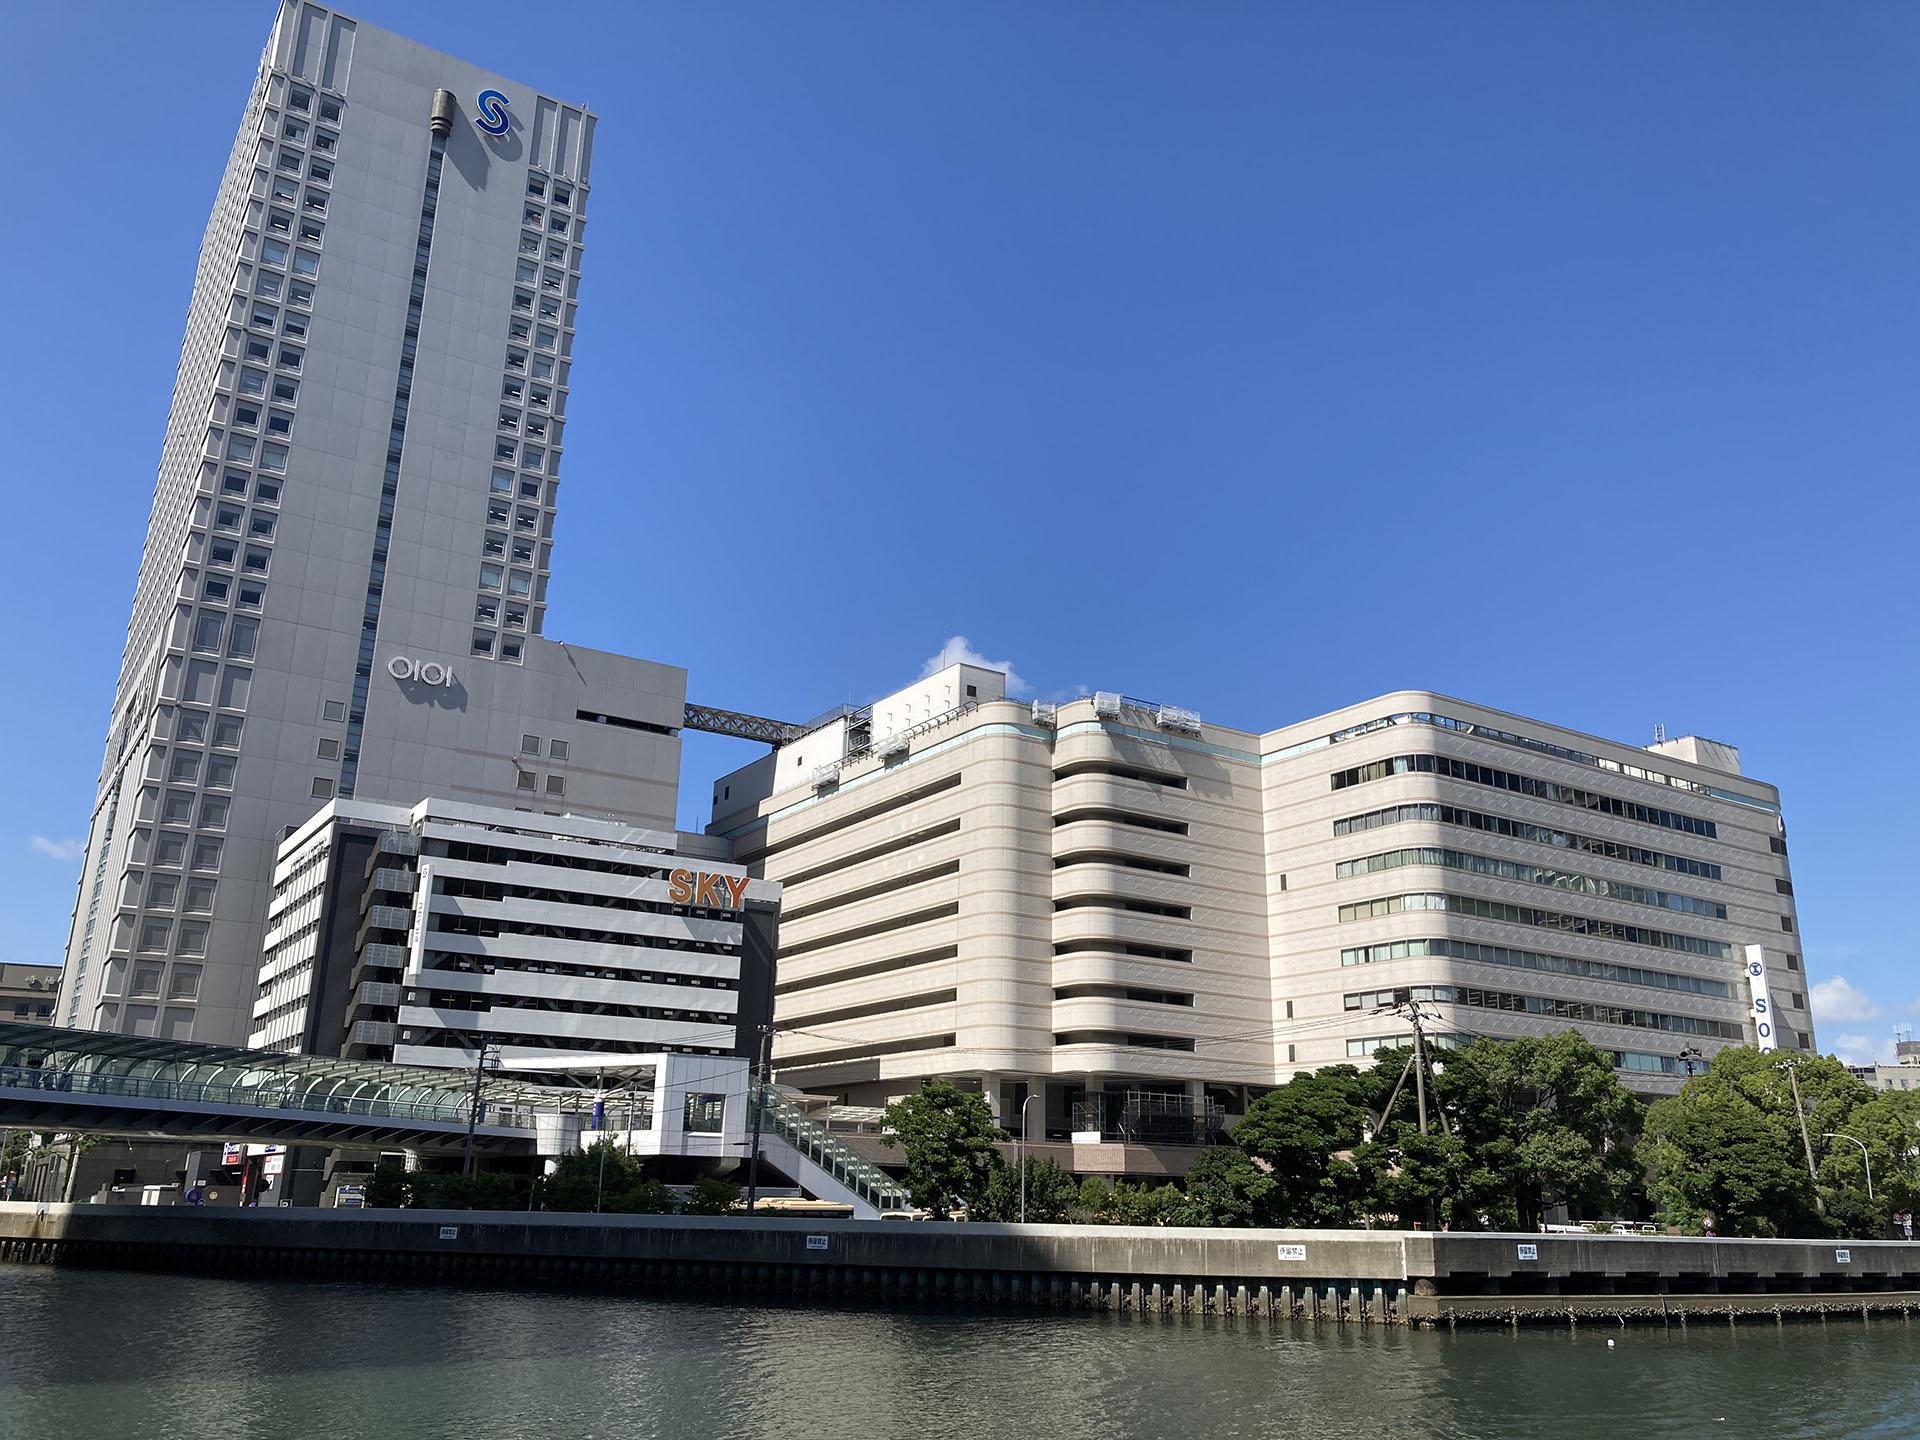 駅の裏側から見た横浜そごうとスカイビル